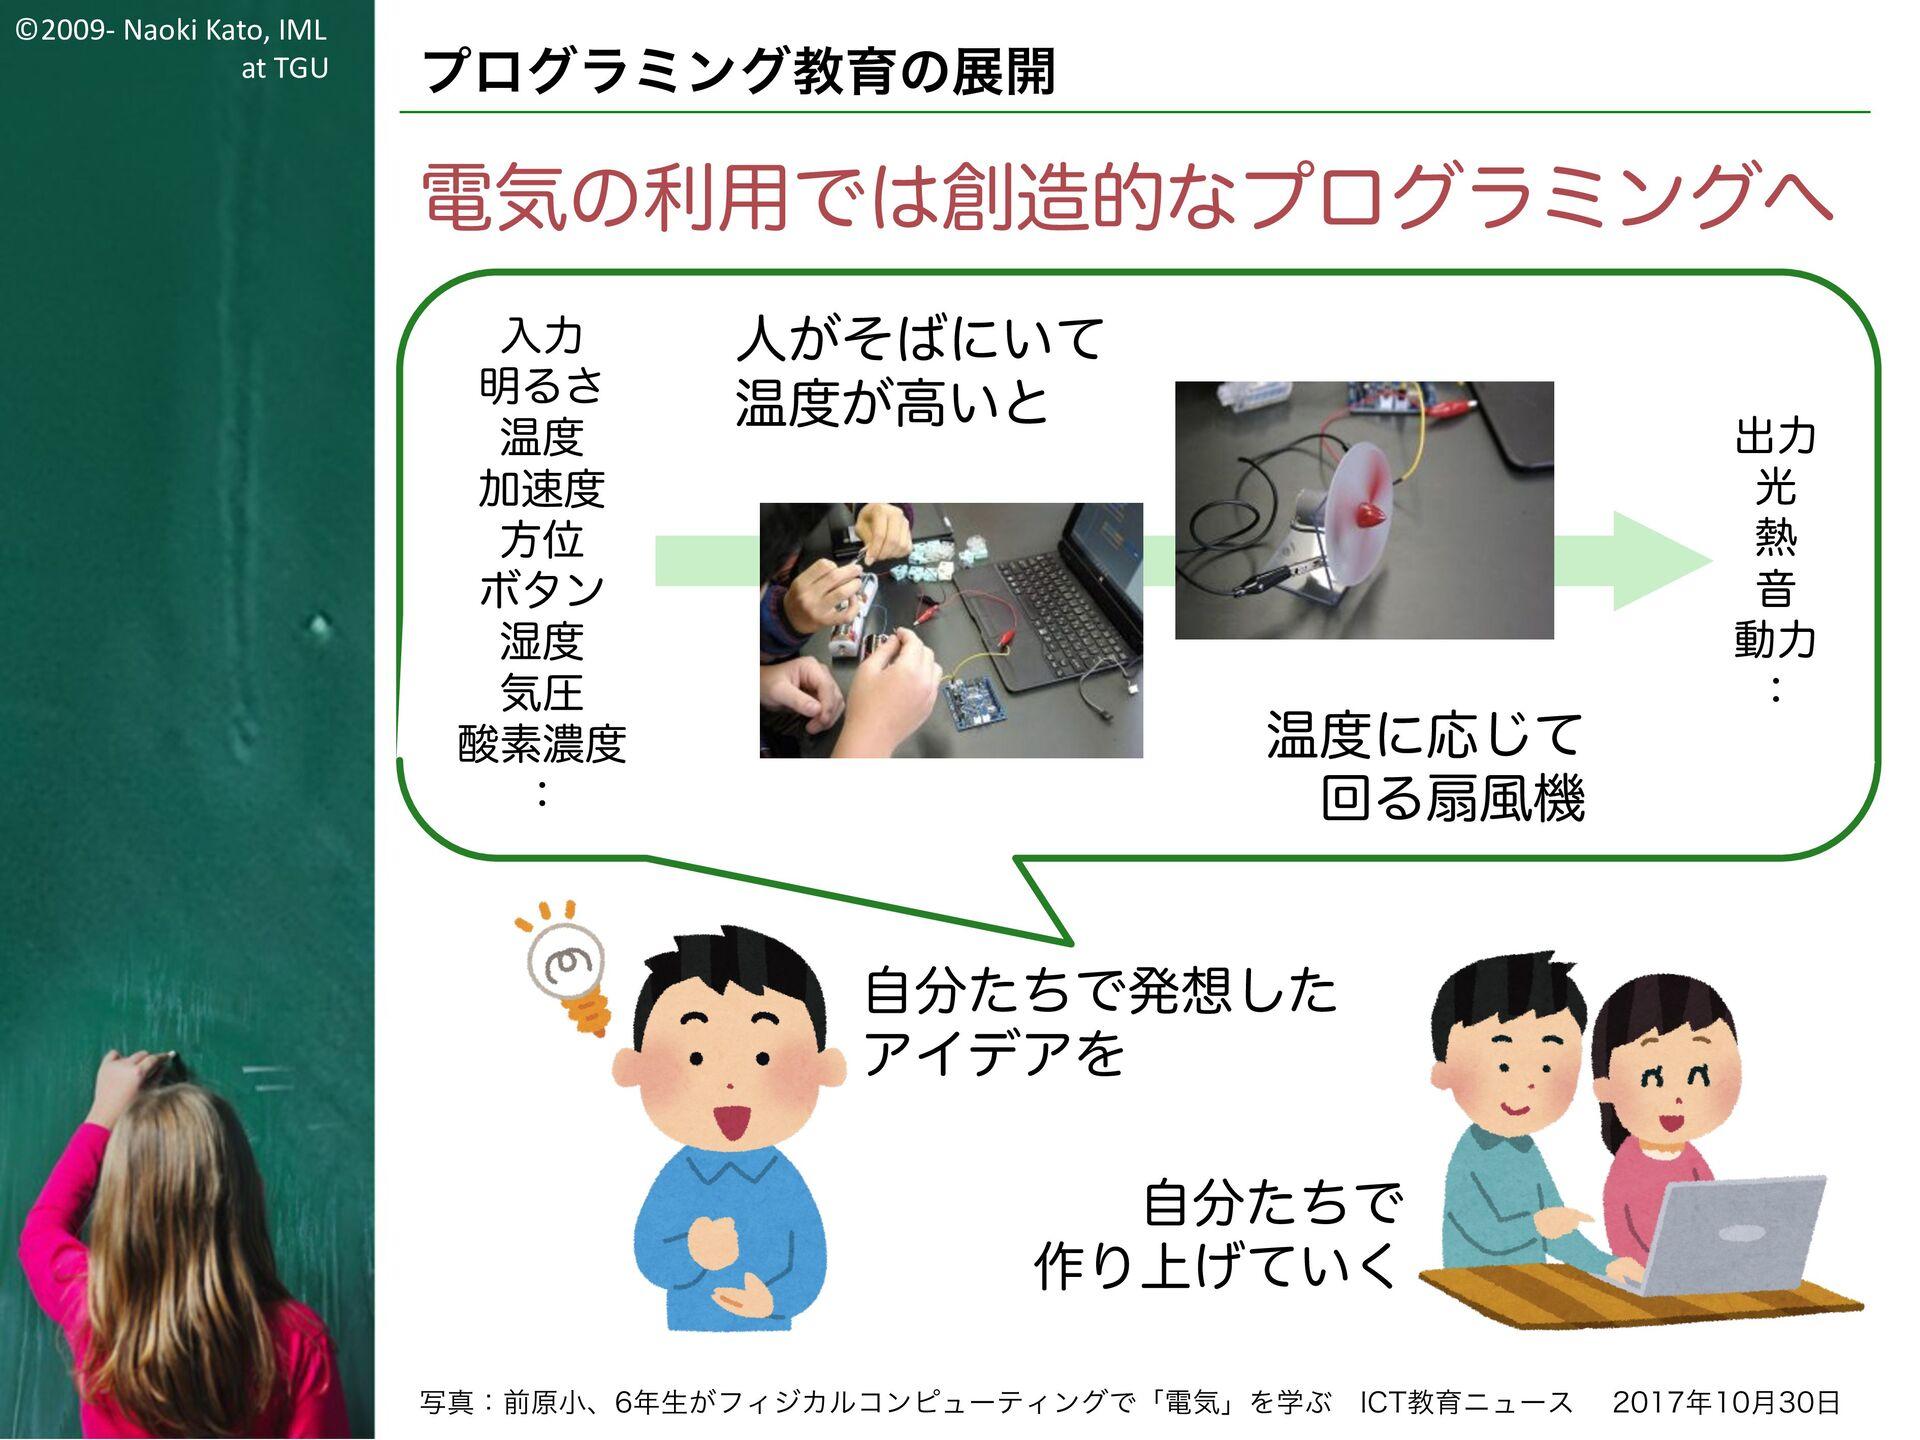 ©2009- Naoki Kato, IML at TGU 体験してみよう